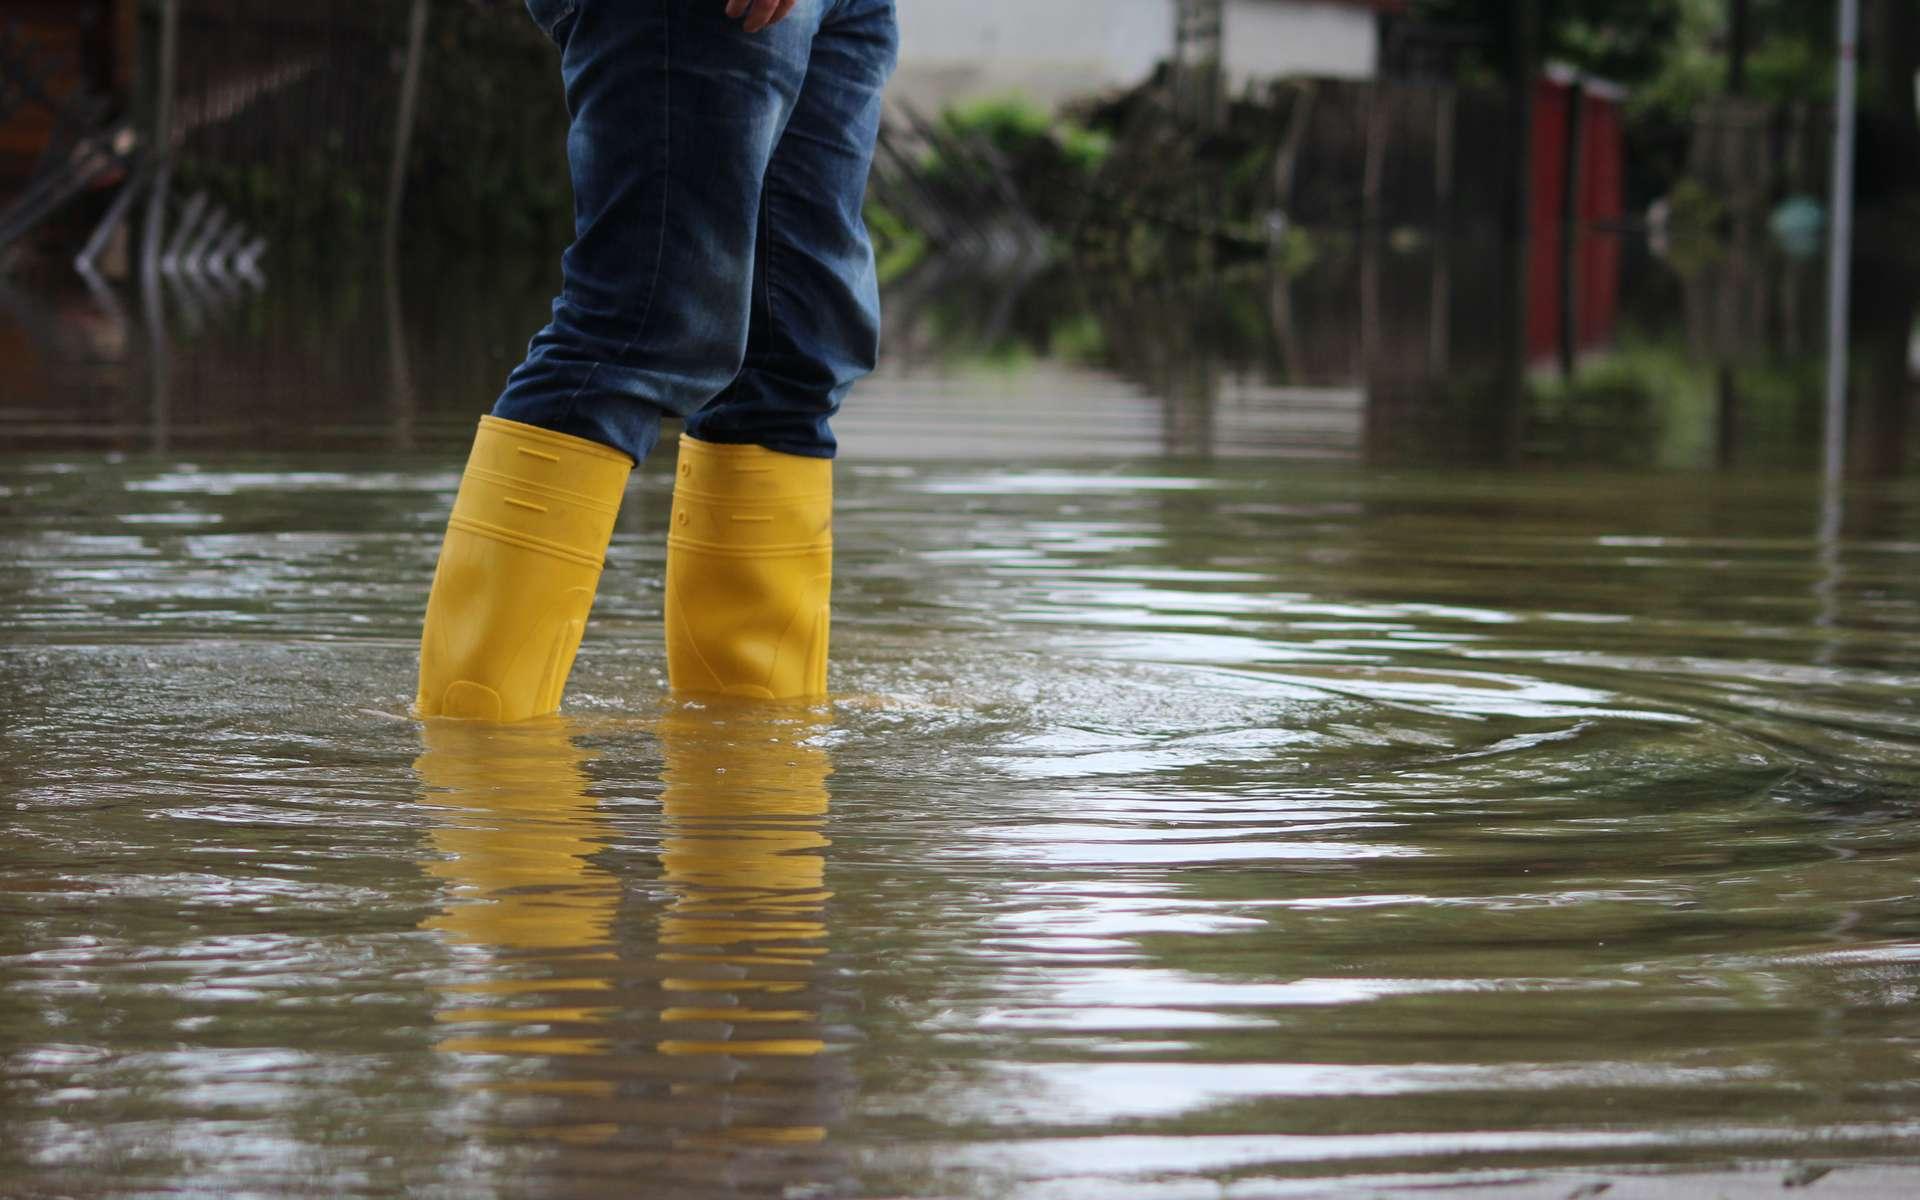 Des inondations qui ravagent le continent européen ont fait de nombreuses victimes. © Rico Löb, Adobe Stock